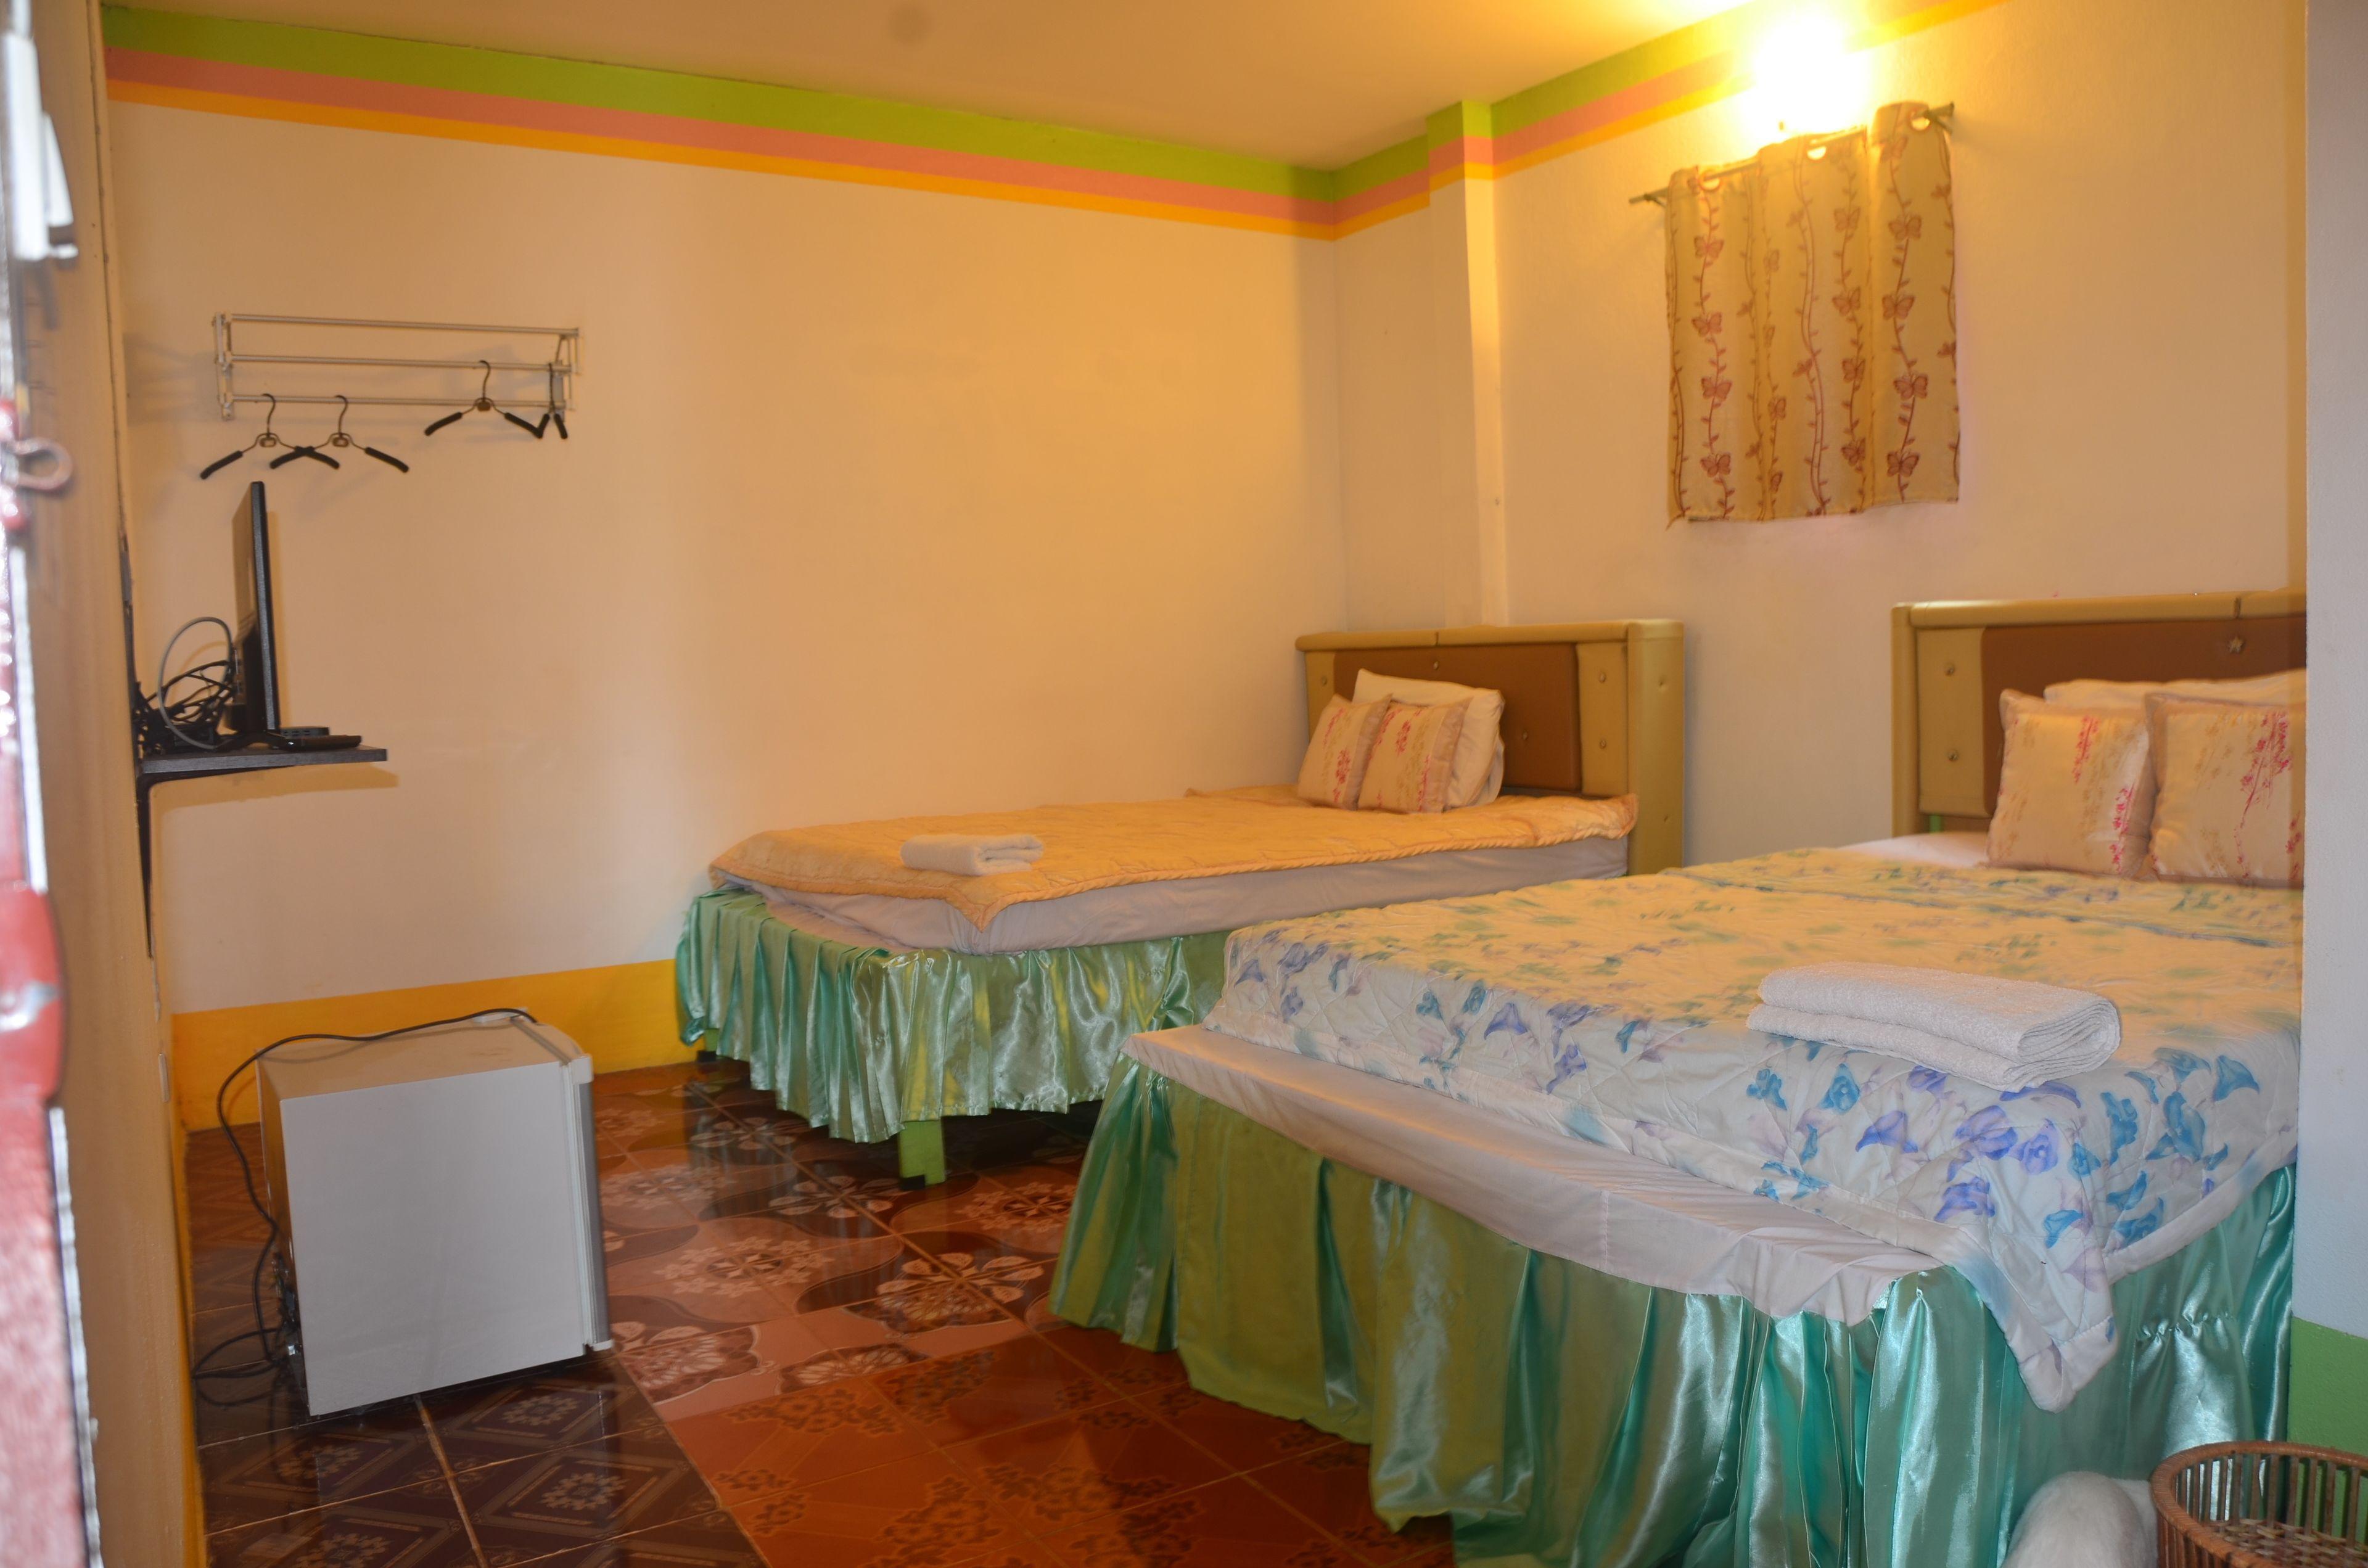 Kekana Guest House